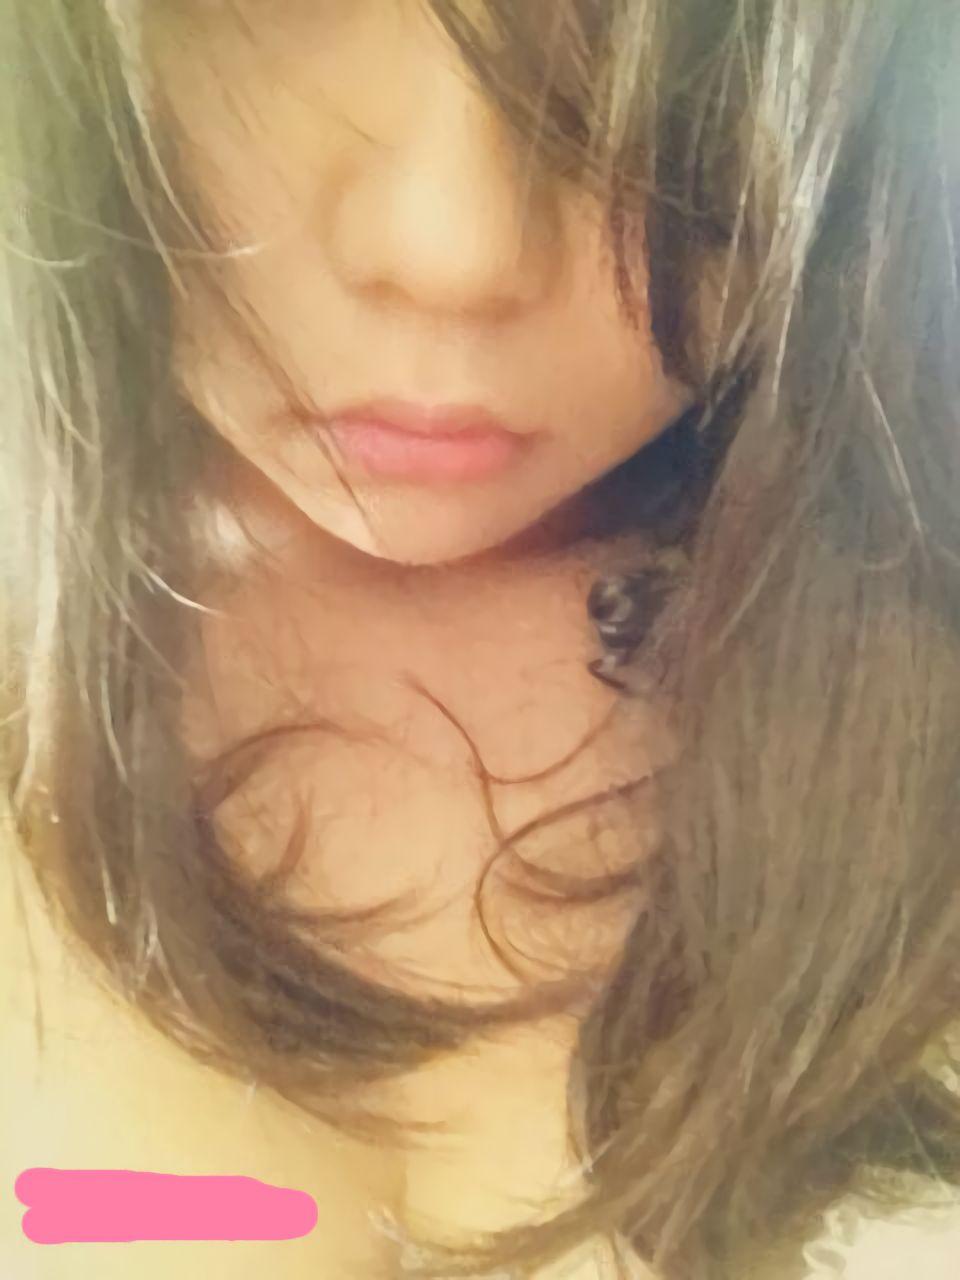 gambar bokep abg jepang toket gede suka pamer foto selfie saat telanjang